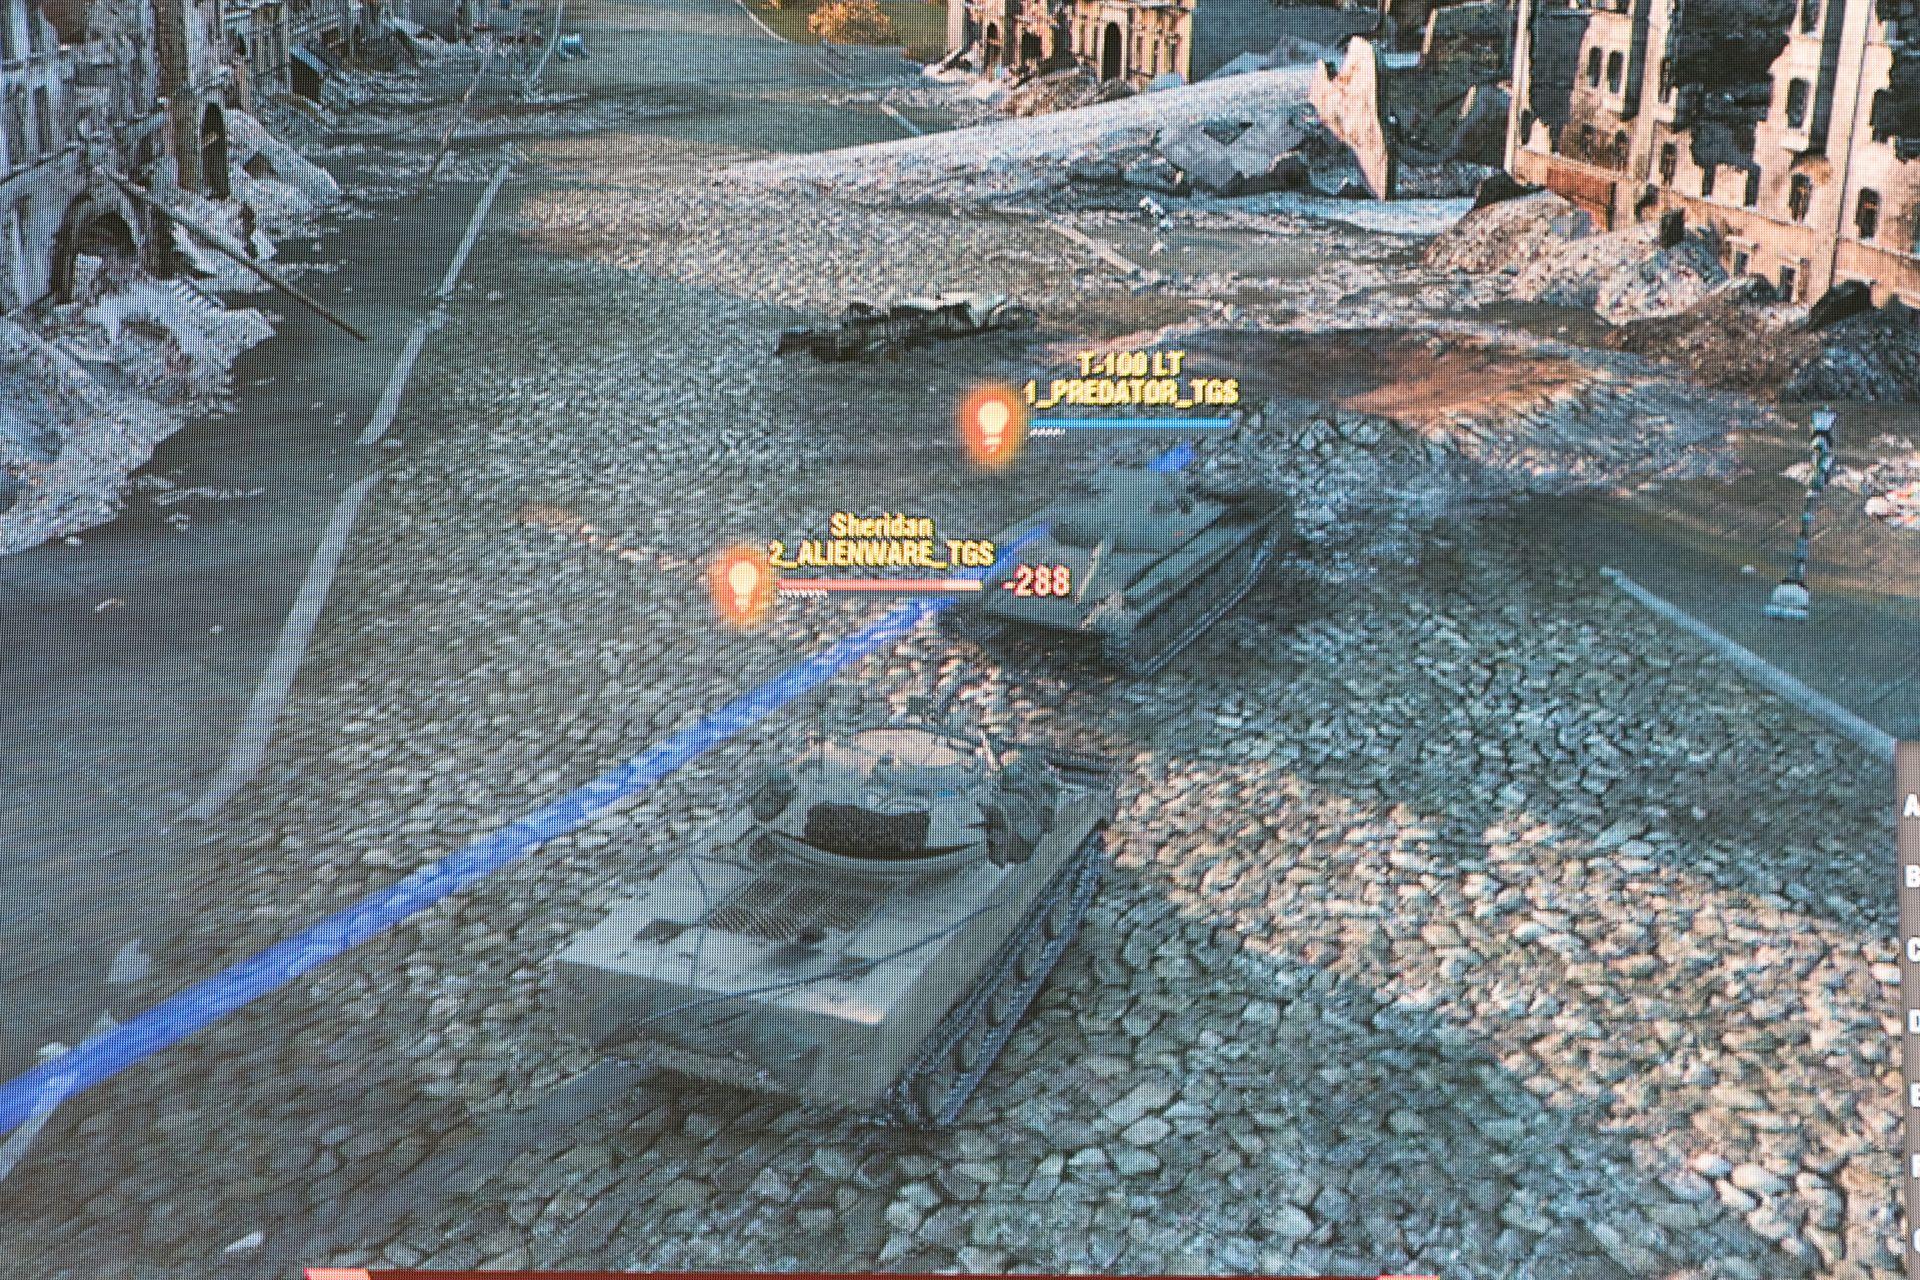 偵察メインの軽戦車が街中でばったり出会い、白熱したチェイスを展開。これに攻撃側が過剰に反応し、ALIENWARE側のMausがピンチに陥ったことも……